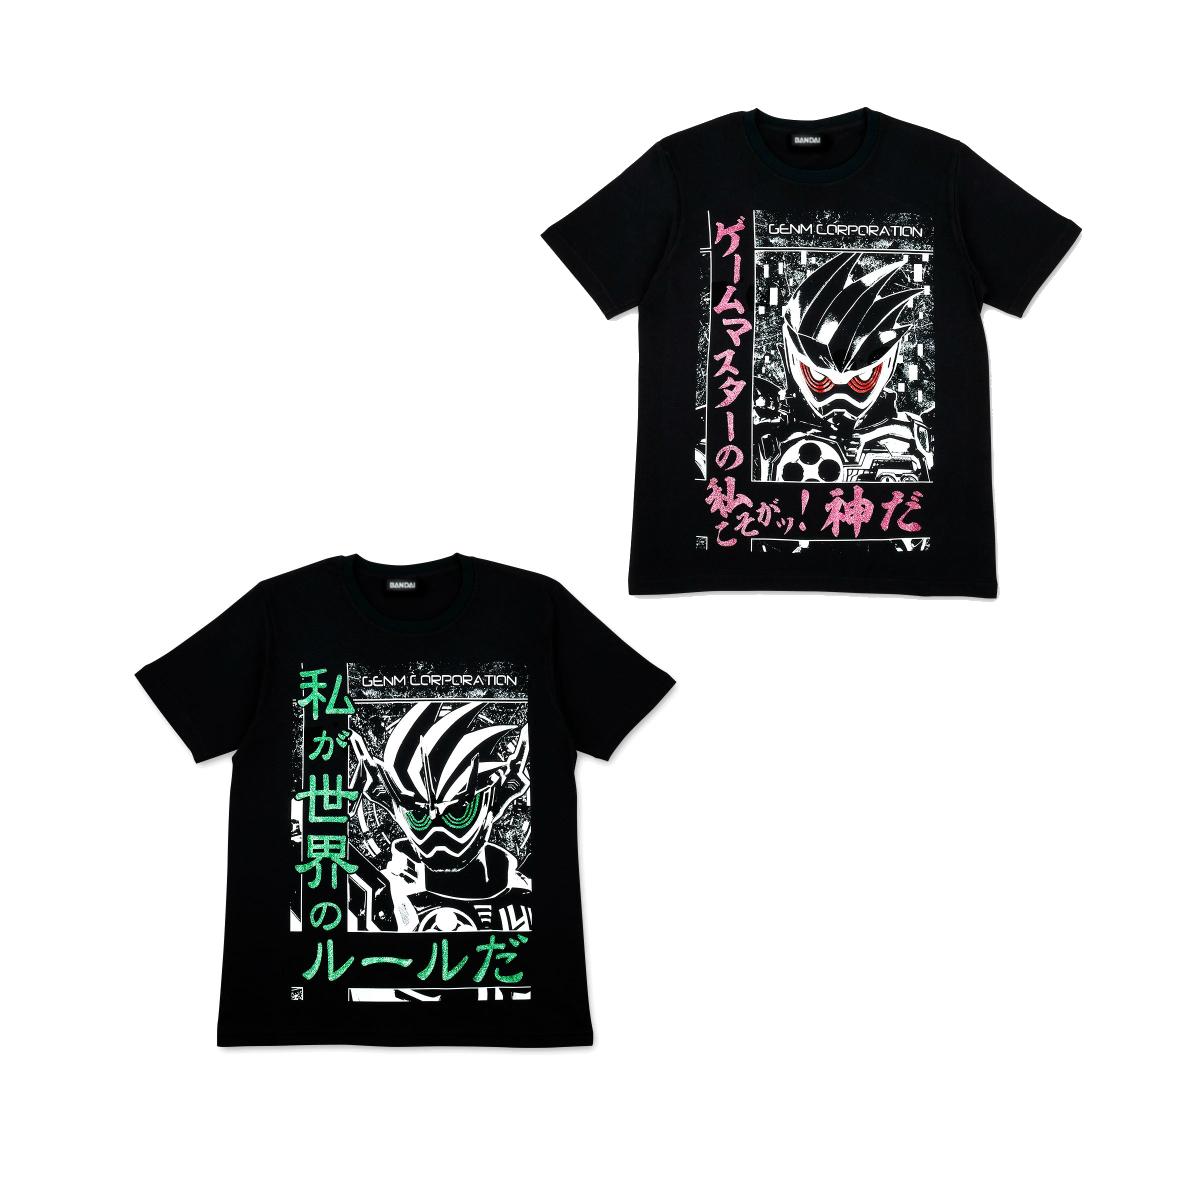 CEO Kamen Rider Decisive Quote T-shirts  (Kamen Rider Genm and Kamen Rider Cronus)